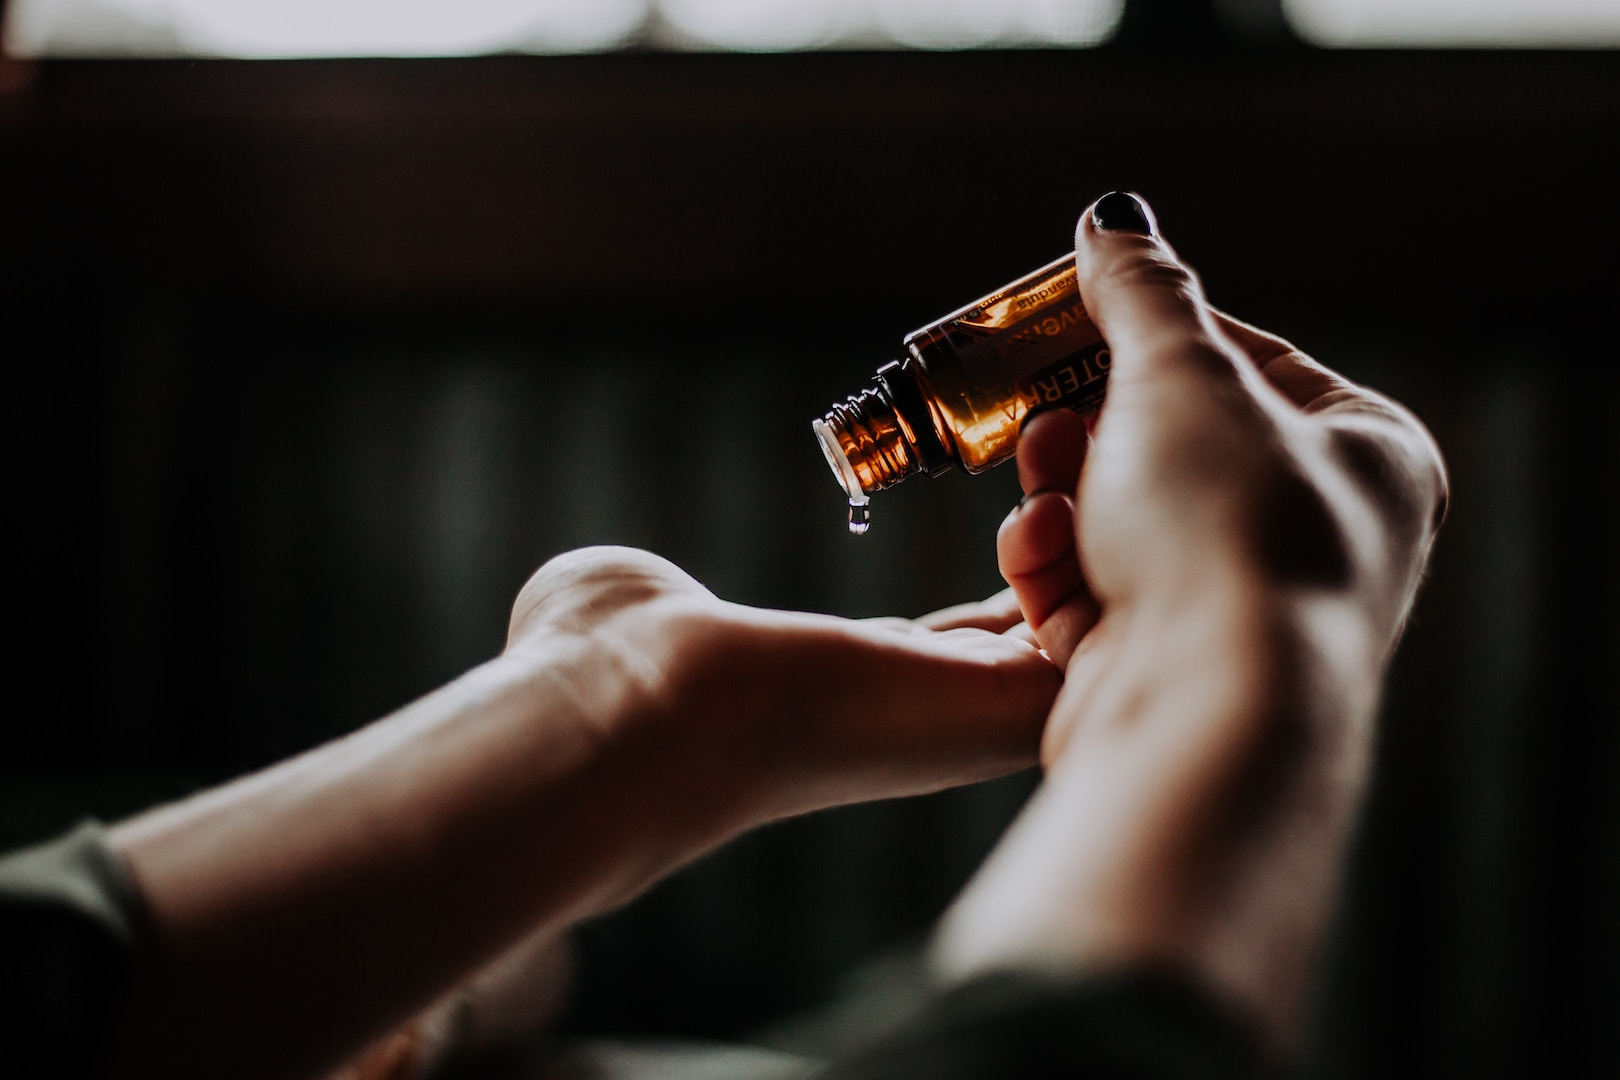 Zapach do salonu kosmetycznego i spa zwiększy sprzedaż usług.